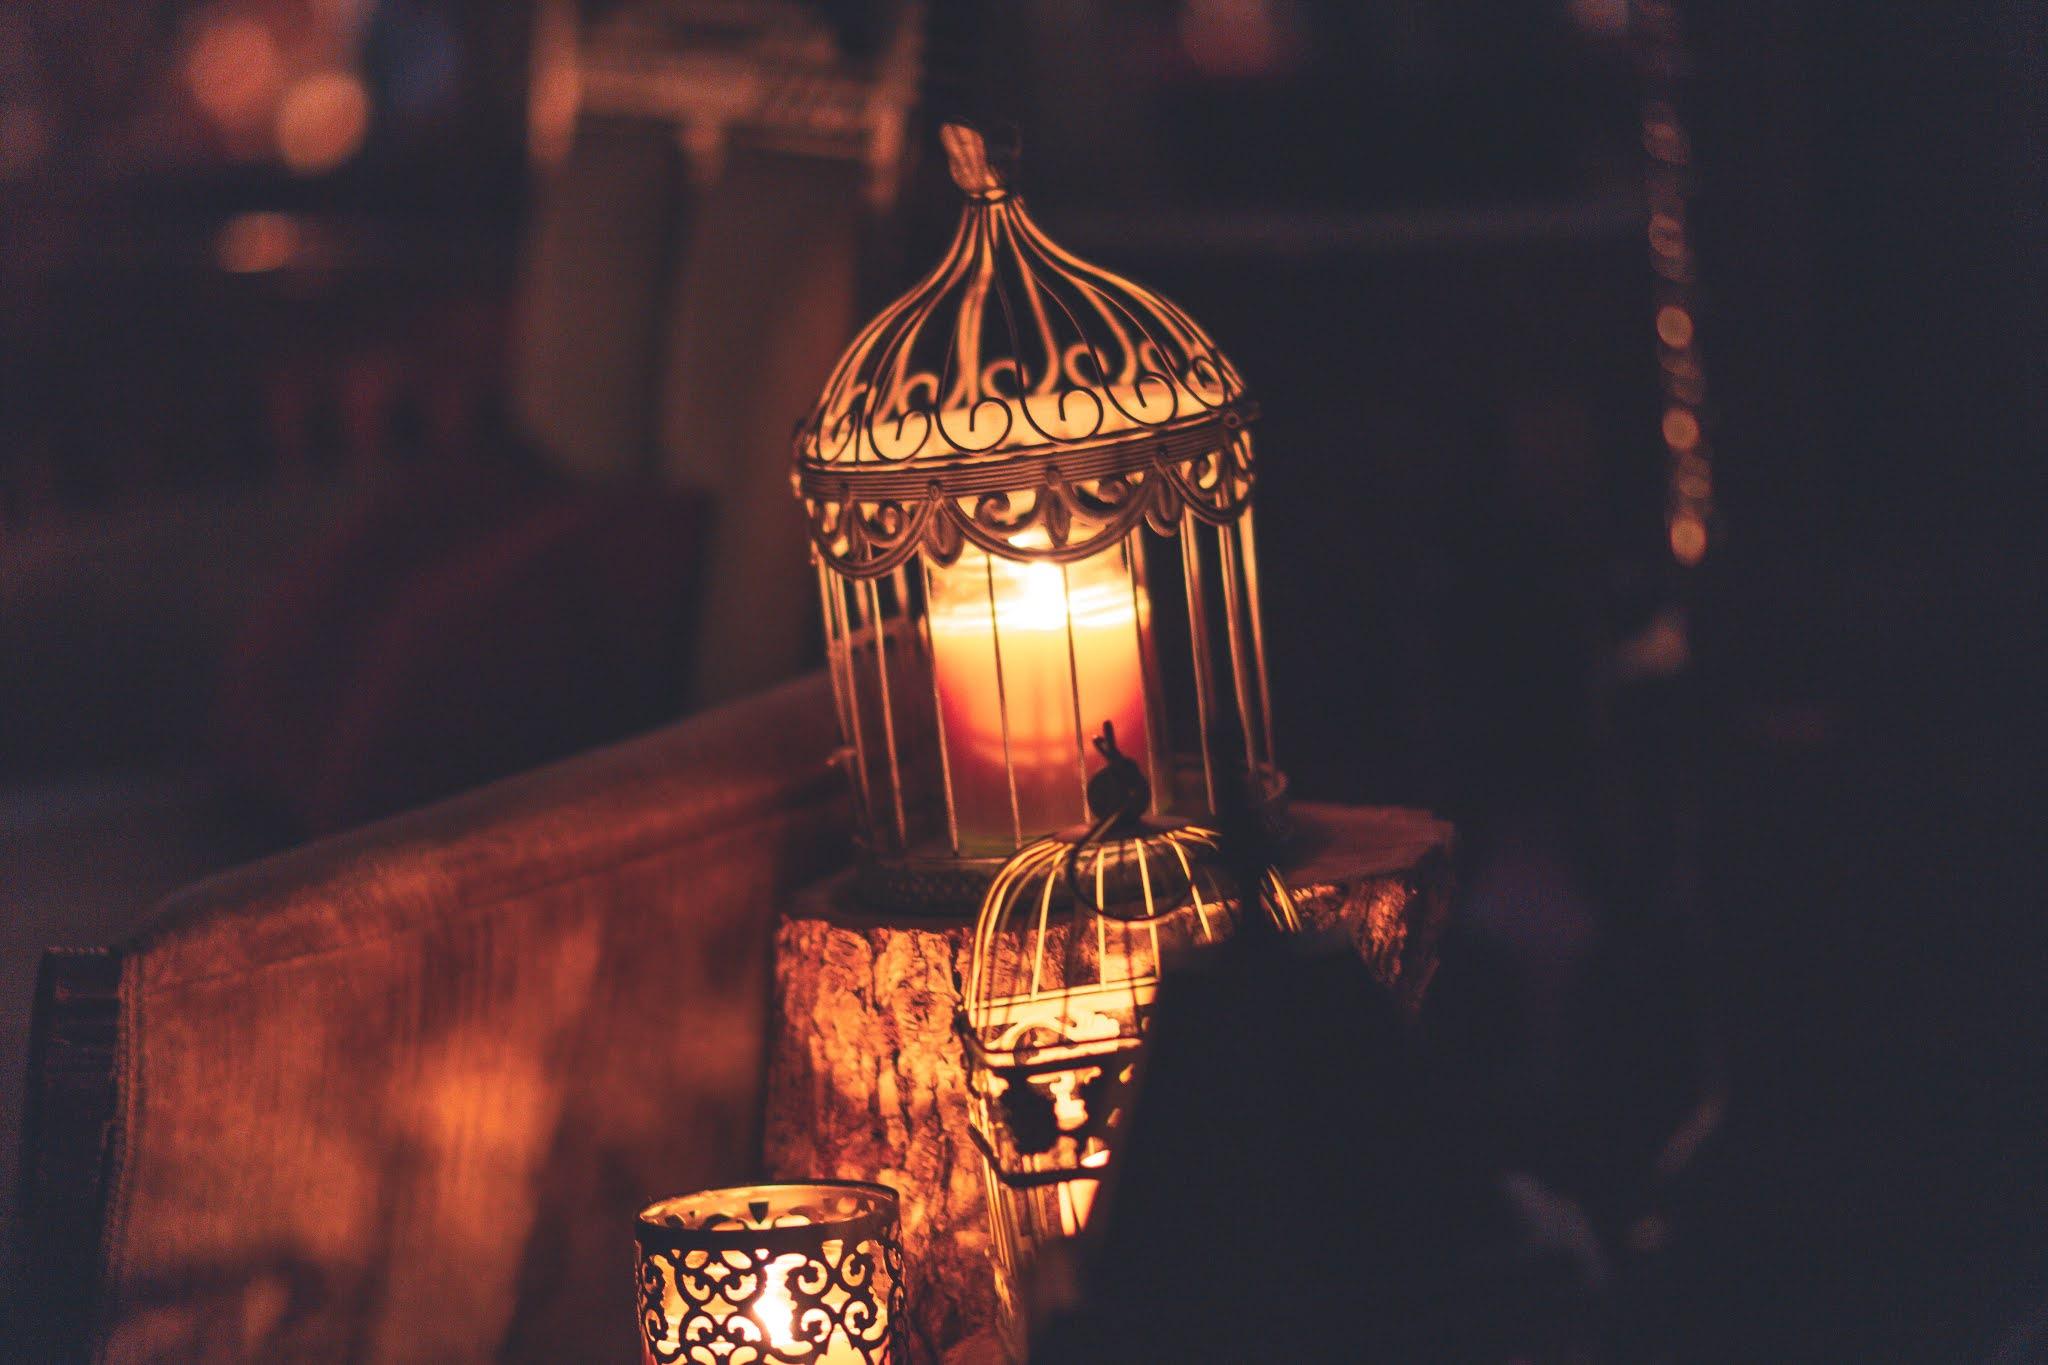 মান্নতের রোজার মাসায়েল : রোজার মাসায়েল (৫ম পর্ব)